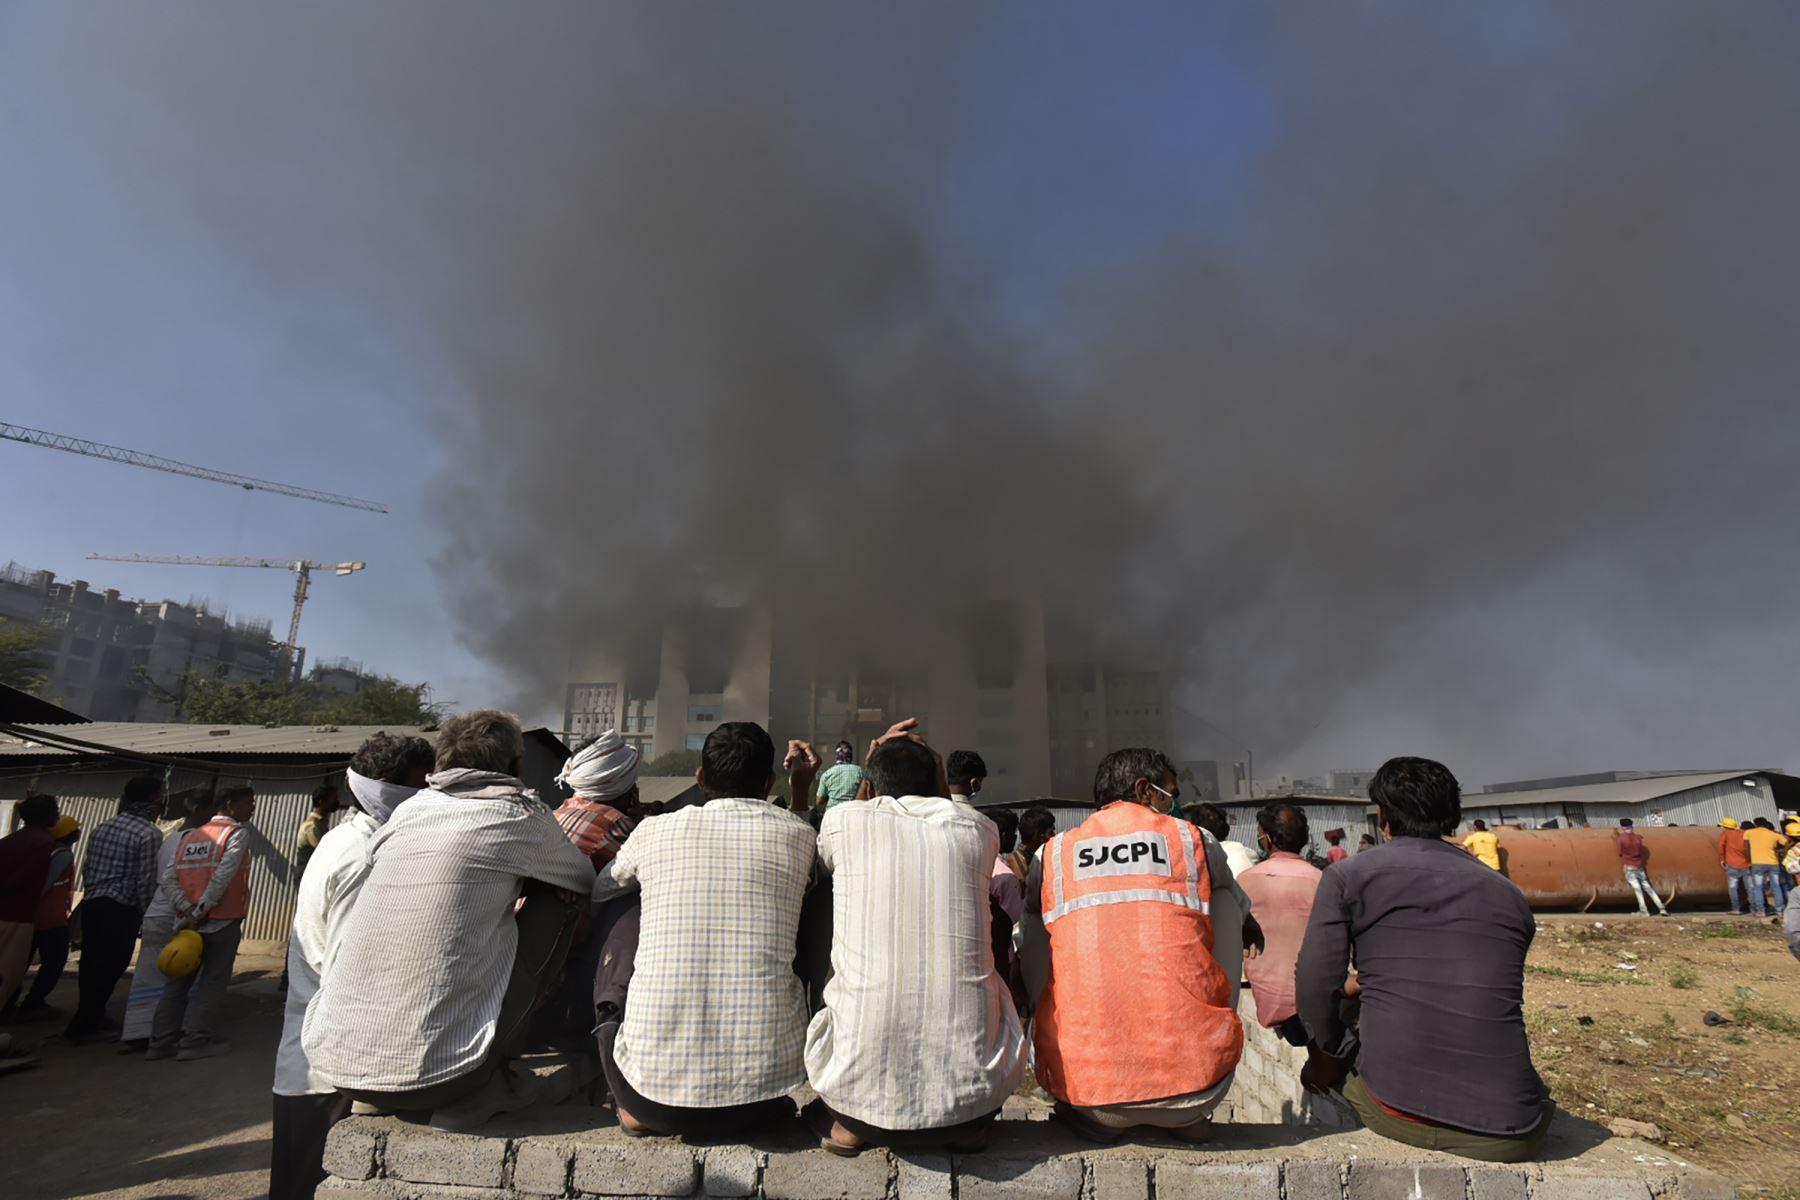 La gente observa cómo se eleva el humo después de que estalló un incendio  en el Serum Institute de India, el mayor fabricante mundial de vacunas, los medios dijeron que la producción de la vacuna contra el coronavirus  no se vio afectada. AFP